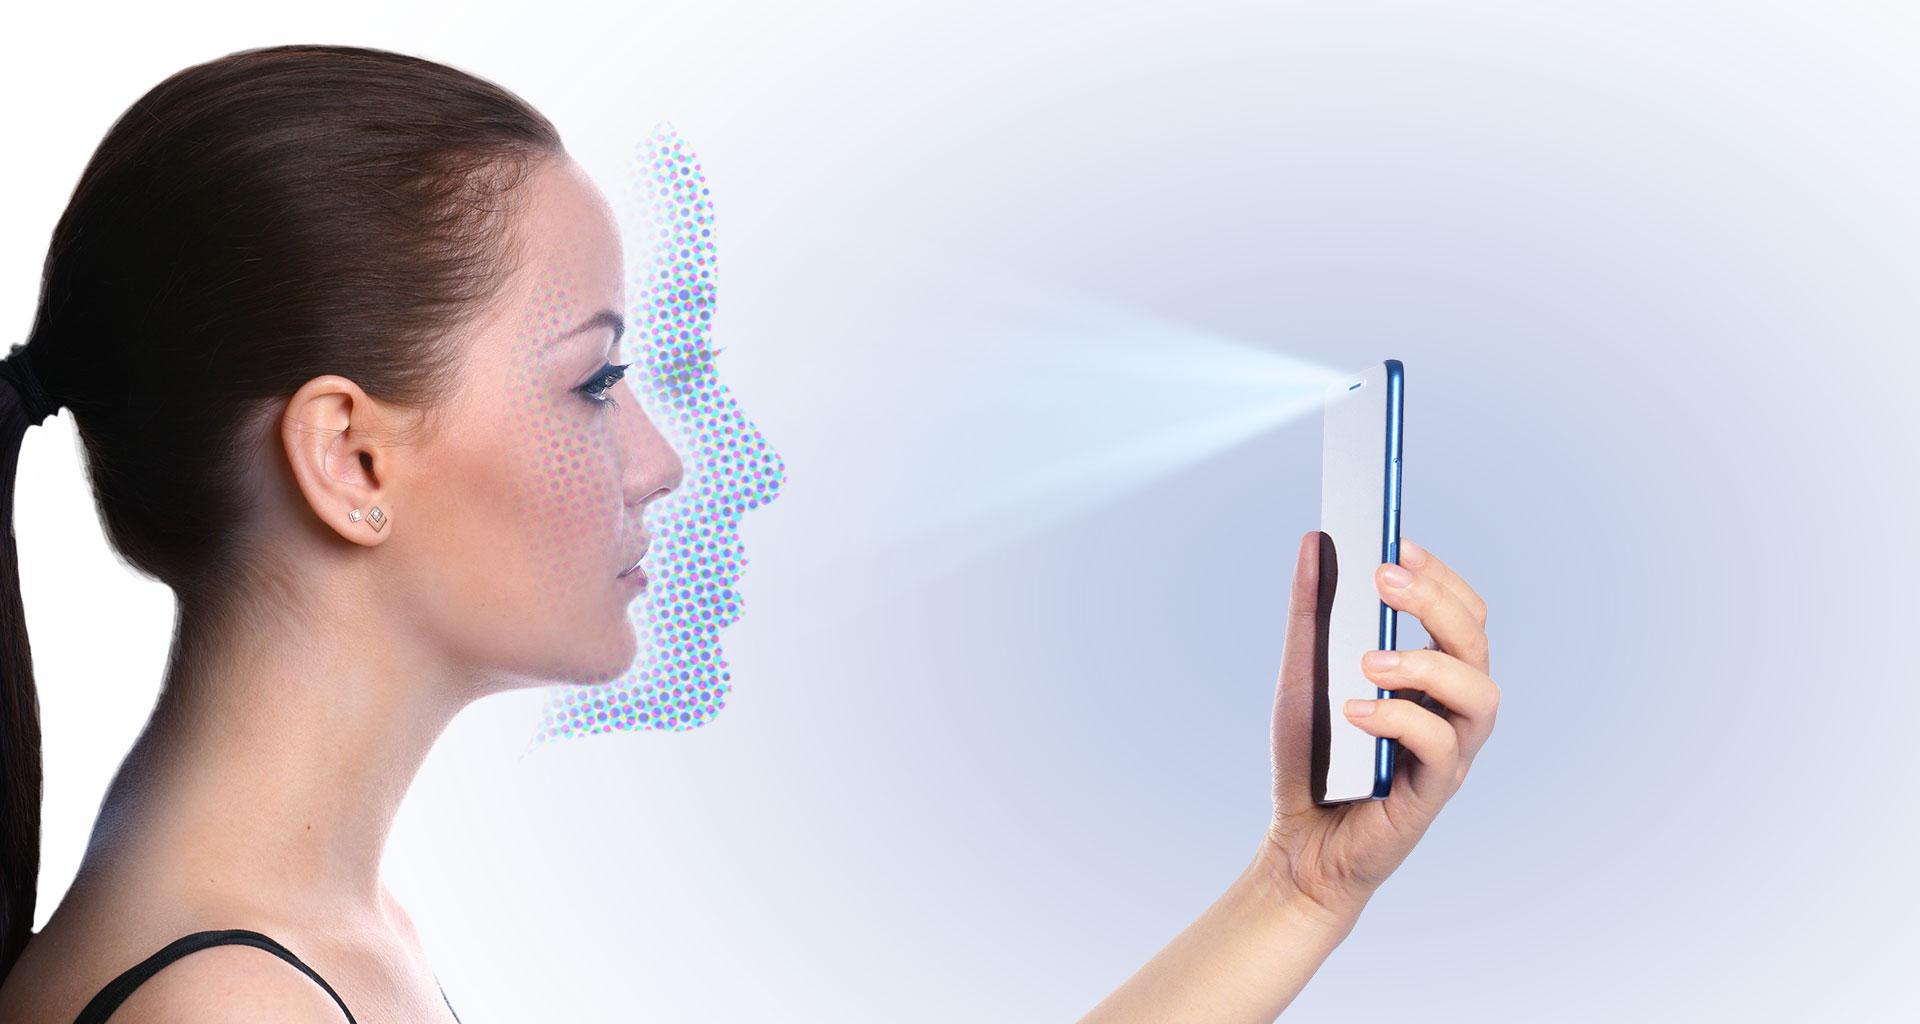 В Xiaomi Mi 8 Pro предусмотрено наличие инфракрасного сканера для разблокировки монитора по лицу